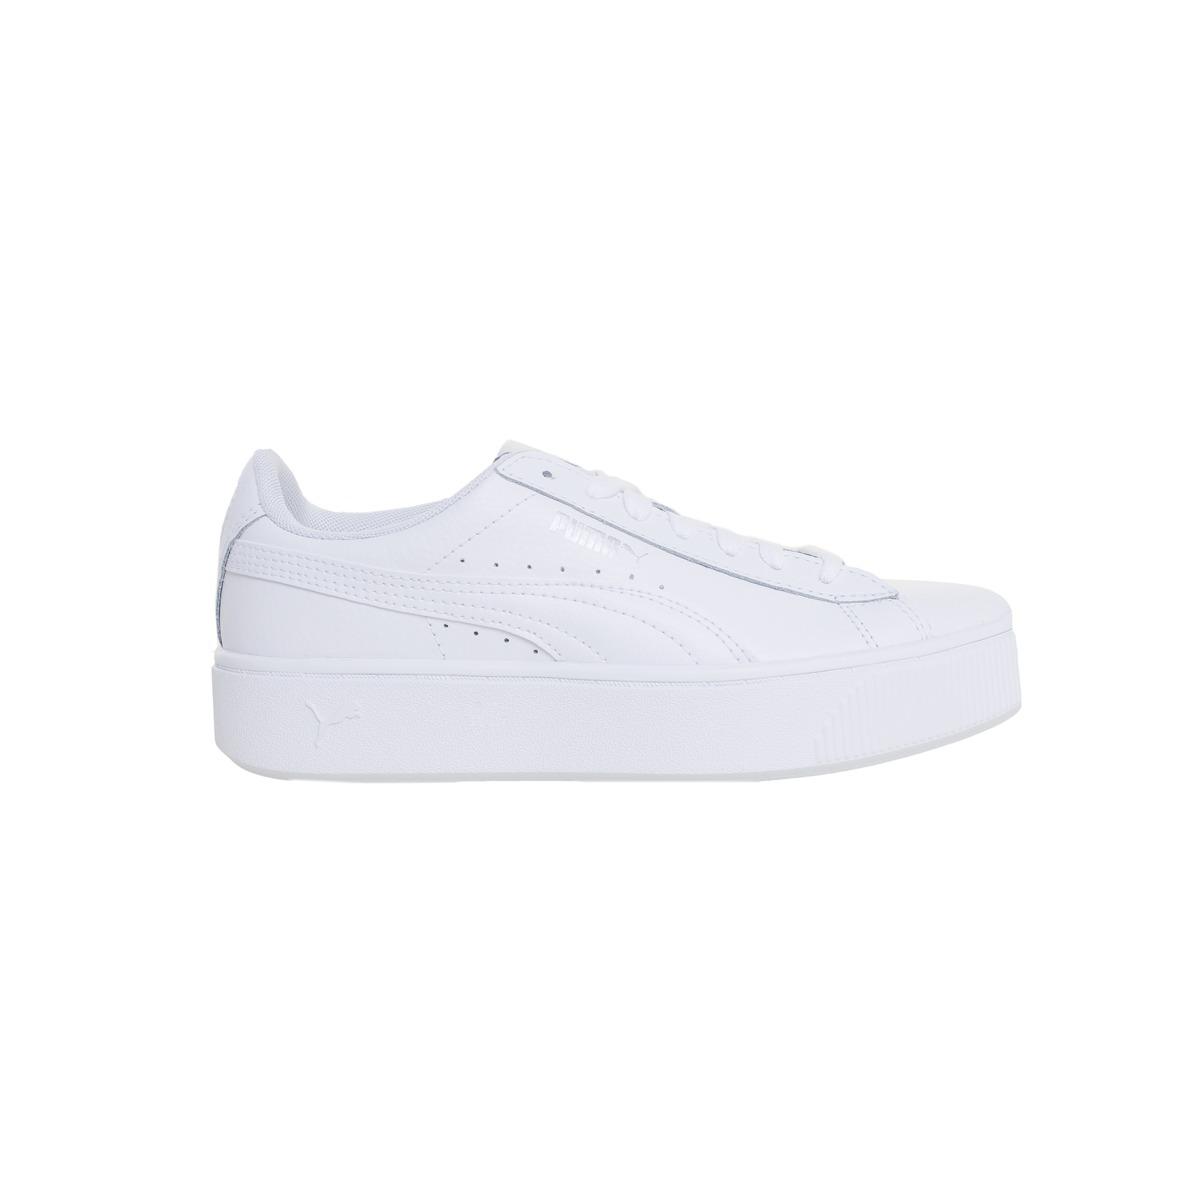 00994c98a zapatillas puma moda vikky stacked l mujer bl bl. Cargando zoom.